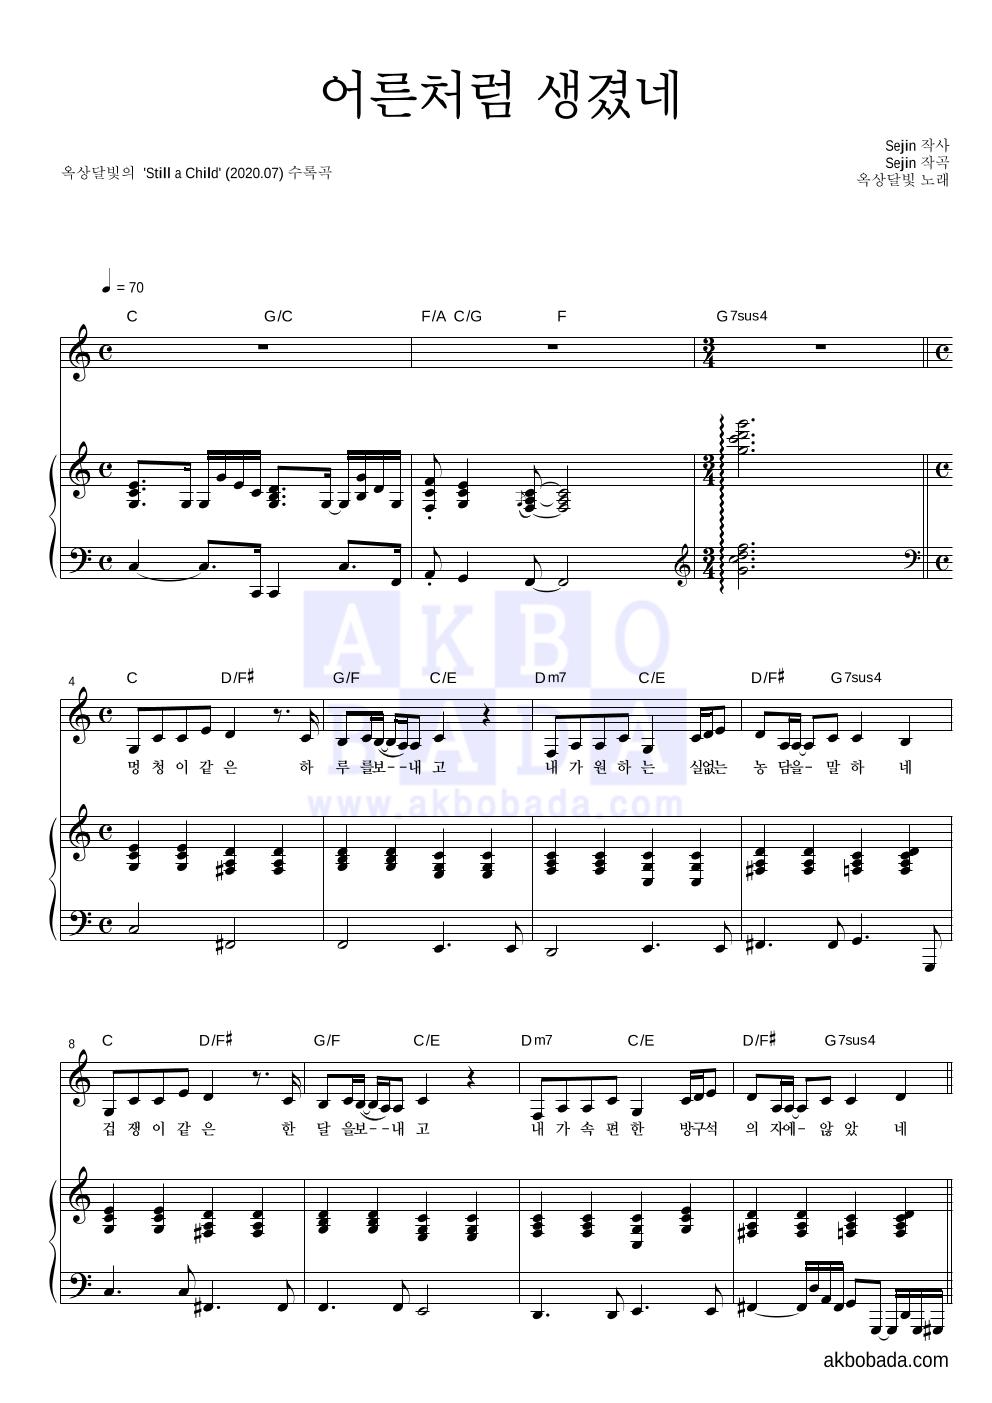 옥상달빛 - 어른처럼 생겼네 피아노 3단 악보